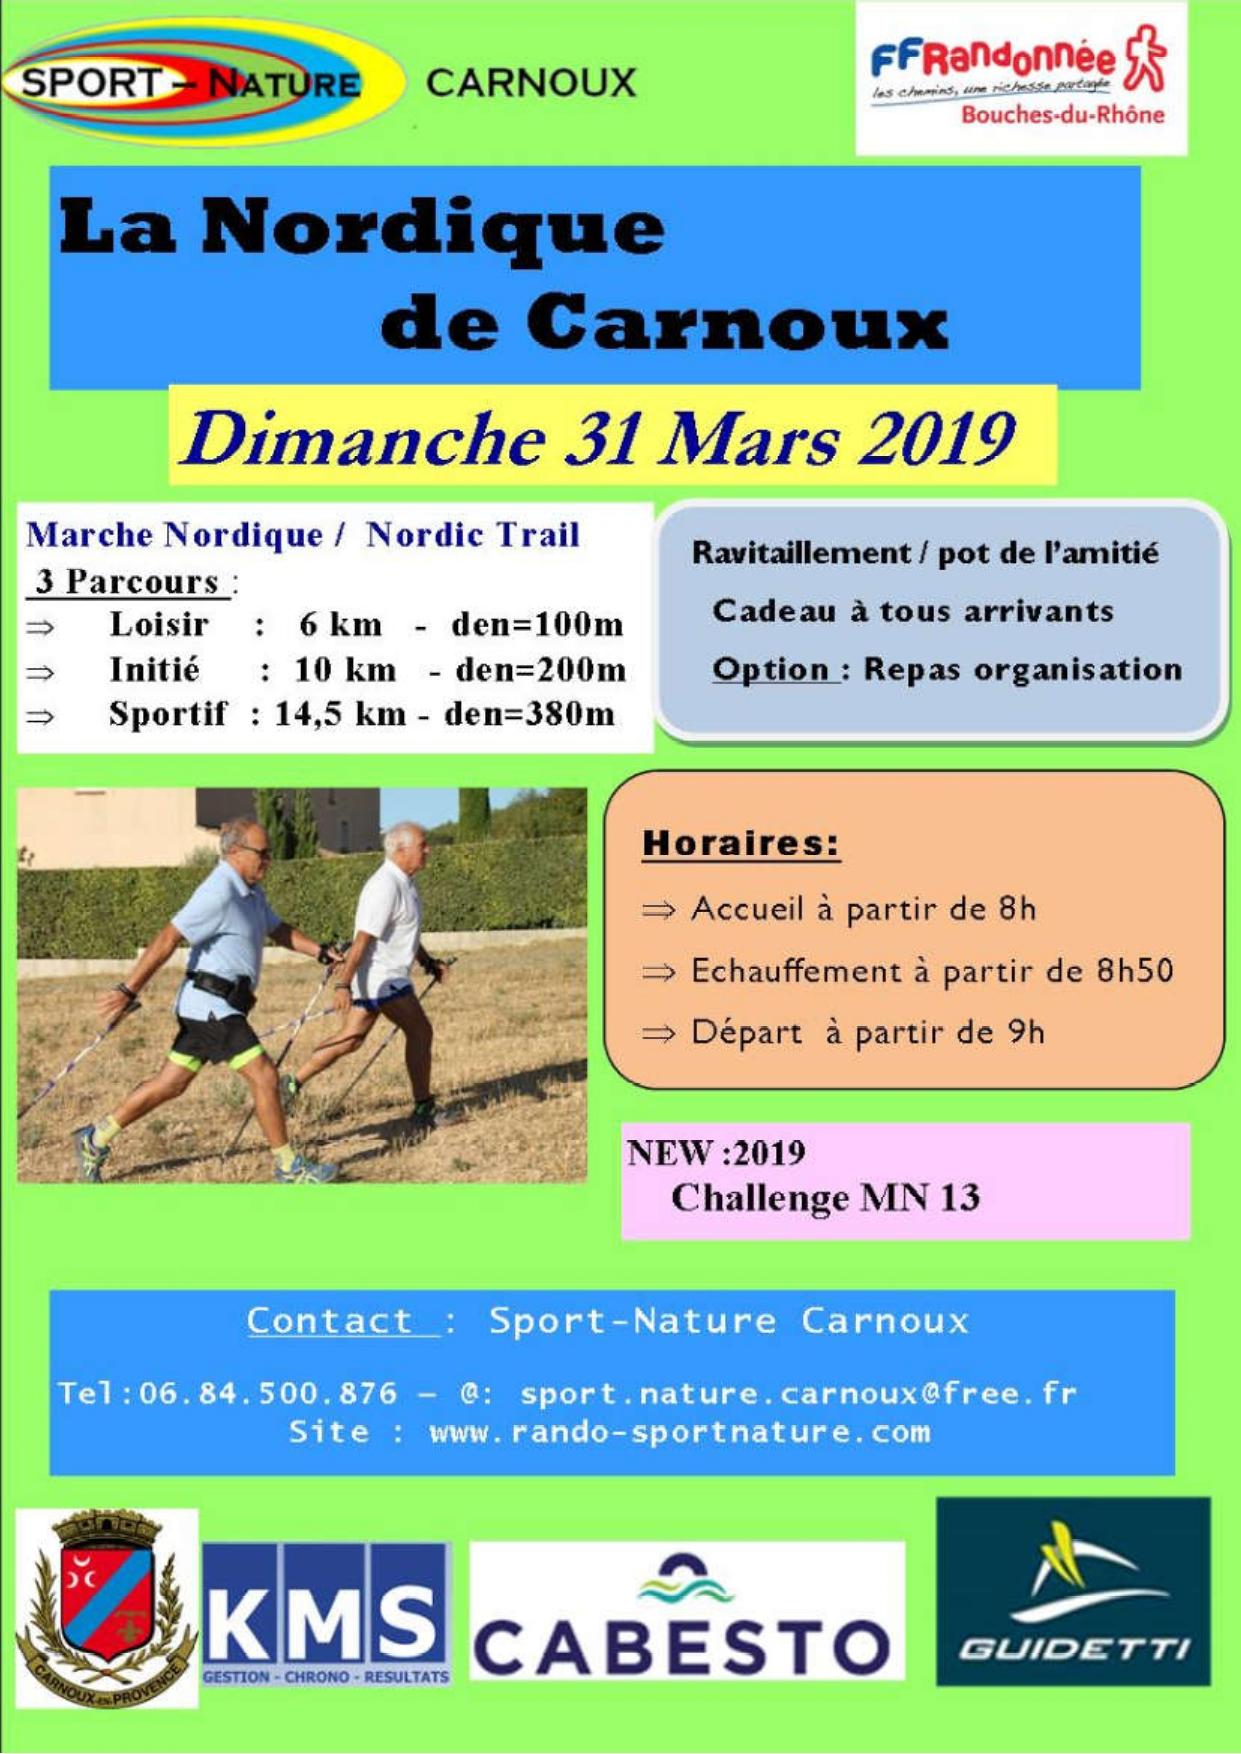 10KM - Nordique de Carnoux